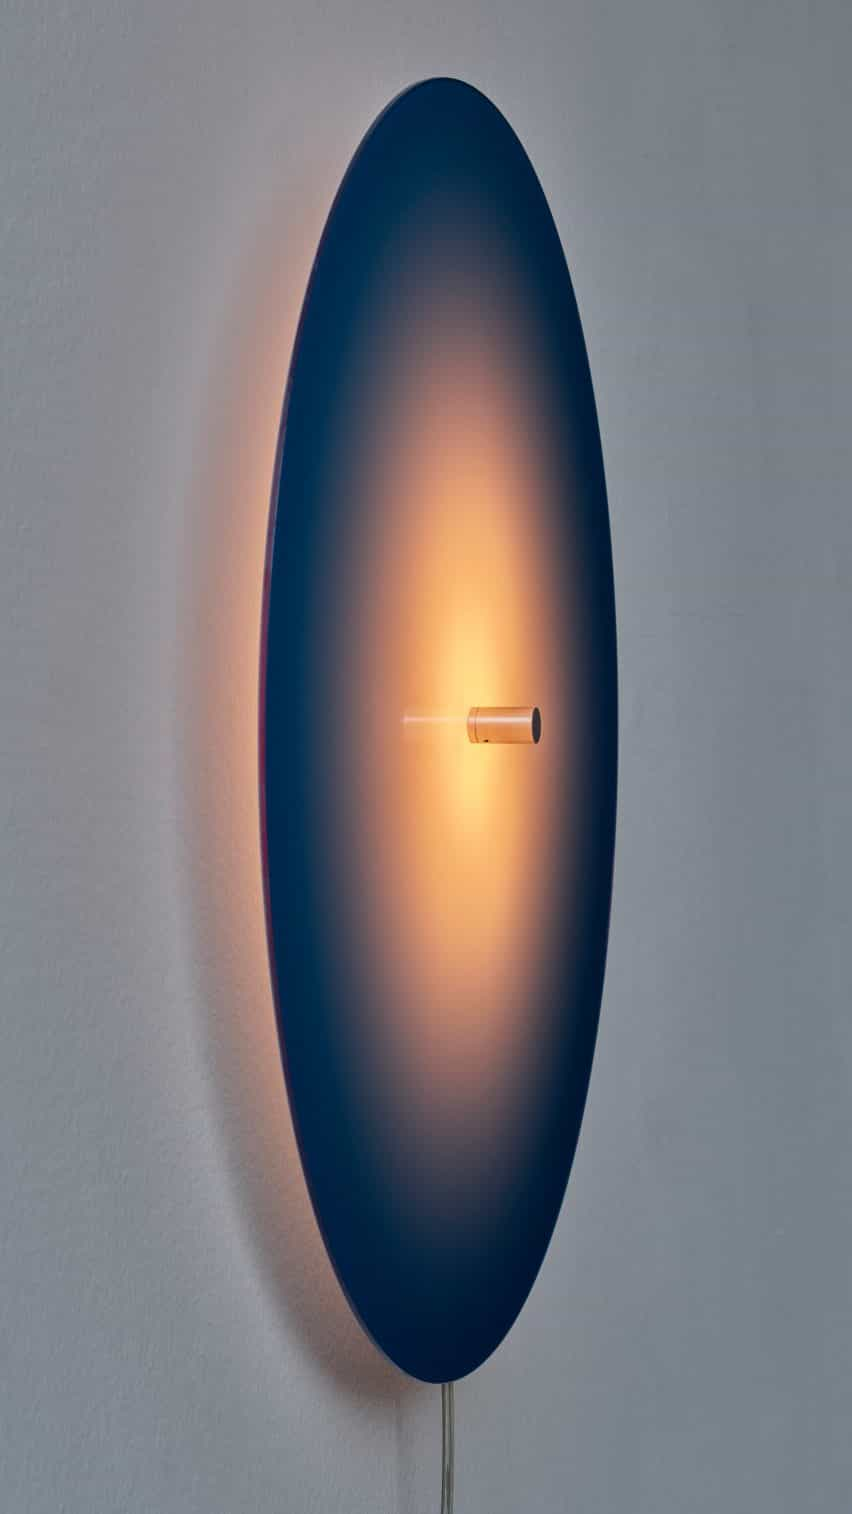 Ombre Light de Mette Schelde en The Mindcraft Project